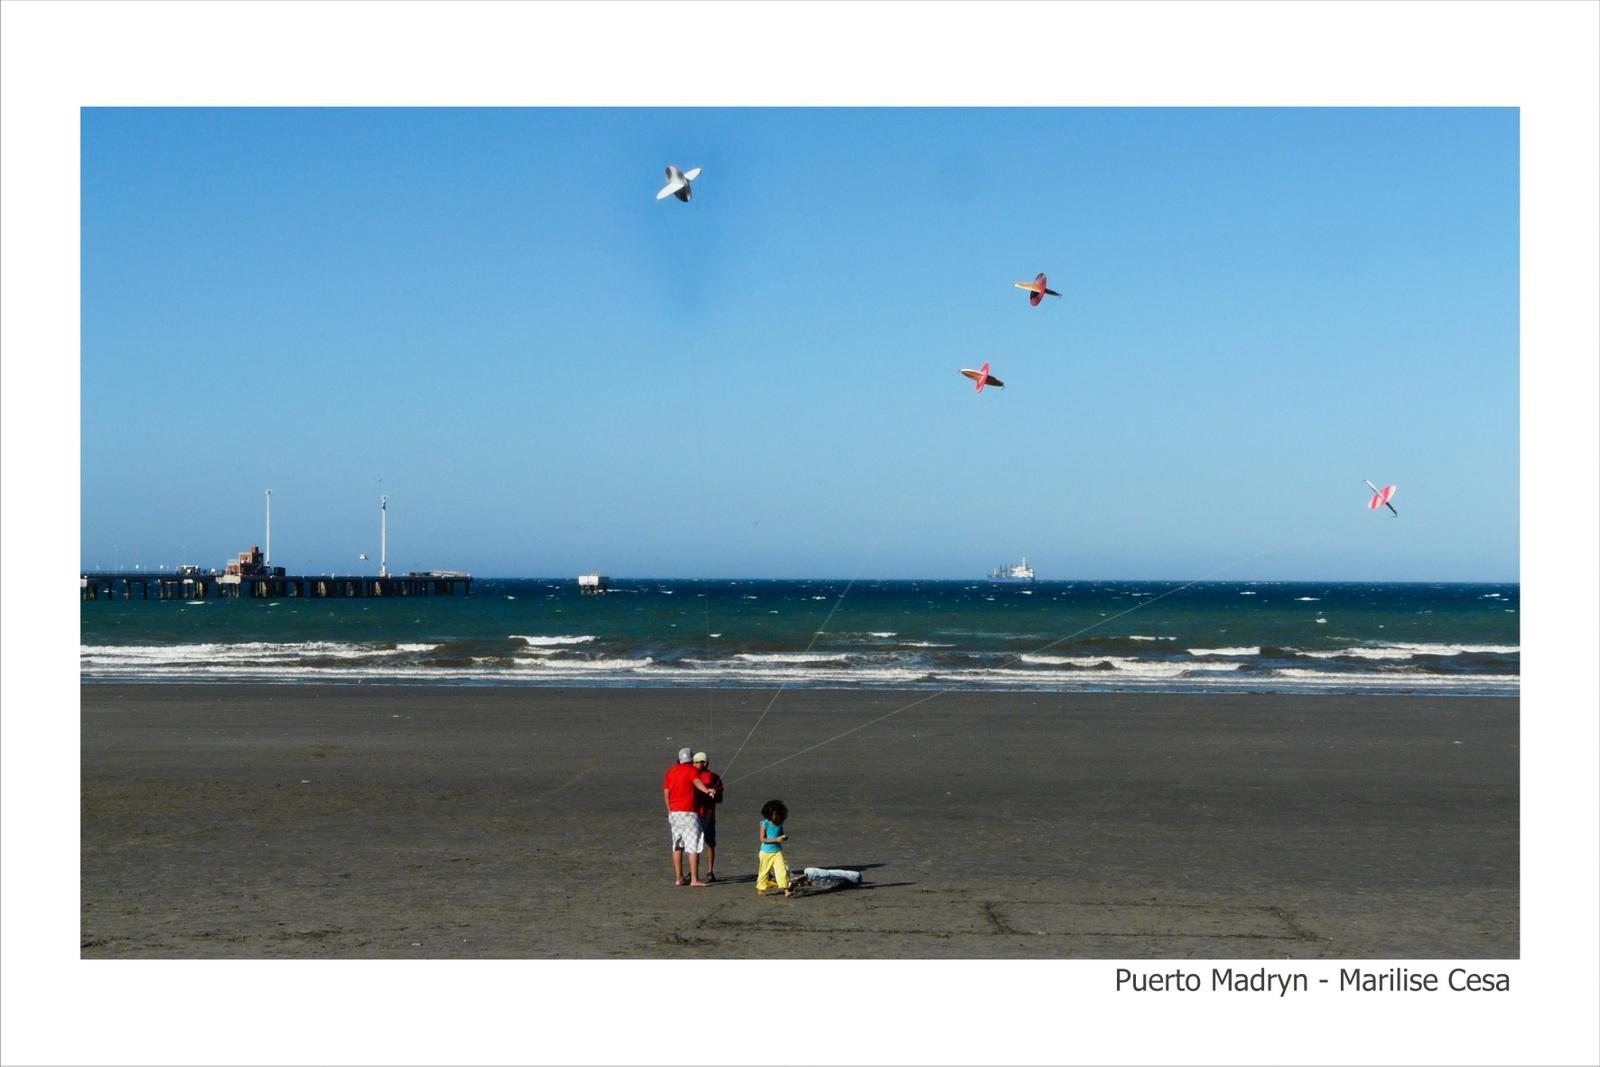 Puerto Madryn - Marilise Cesa - 20-30